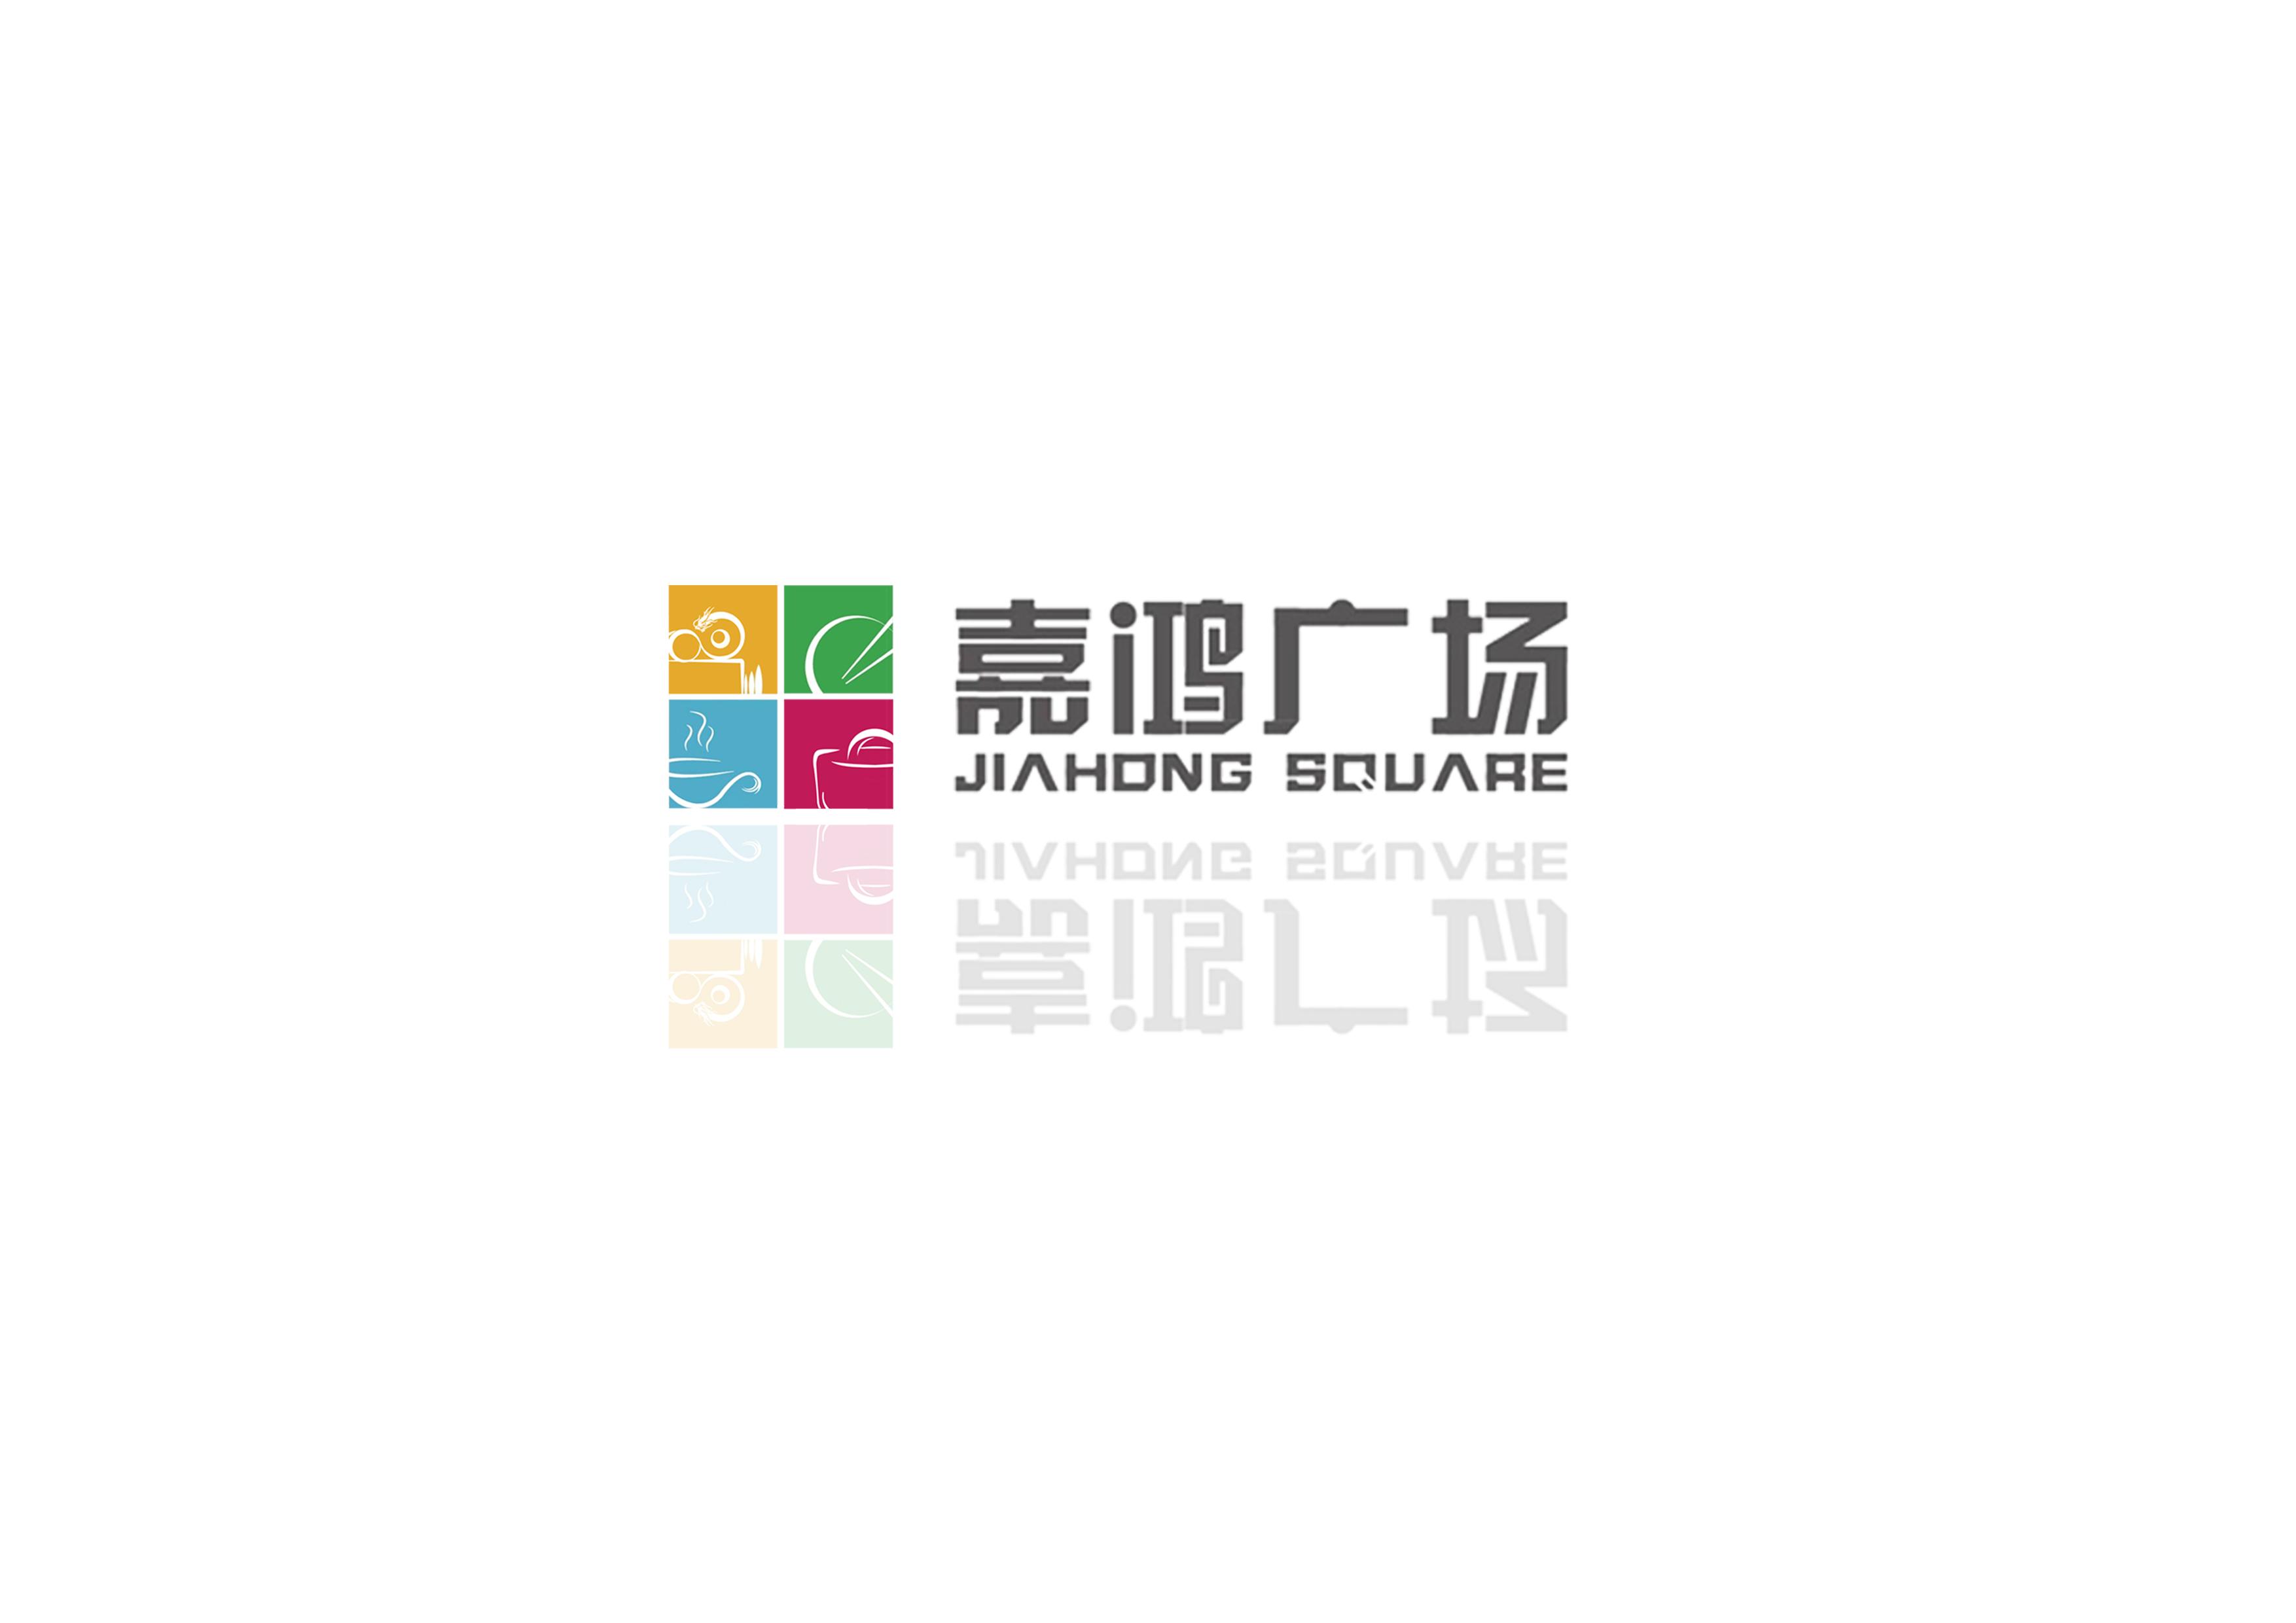 嘉鸿广场logo方案